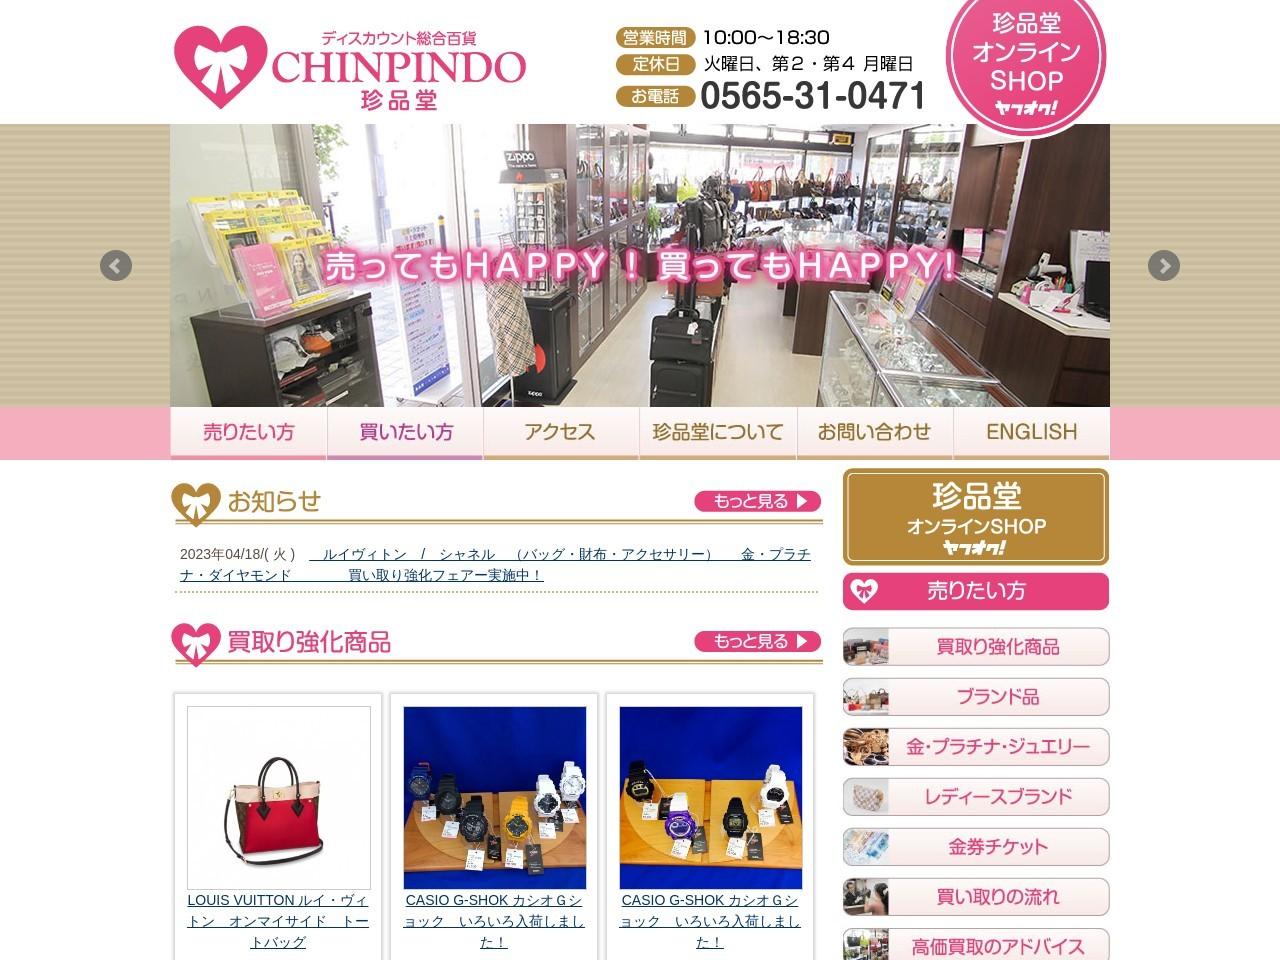 珍品堂 愛知県豊田市のディスカウント総合百貨